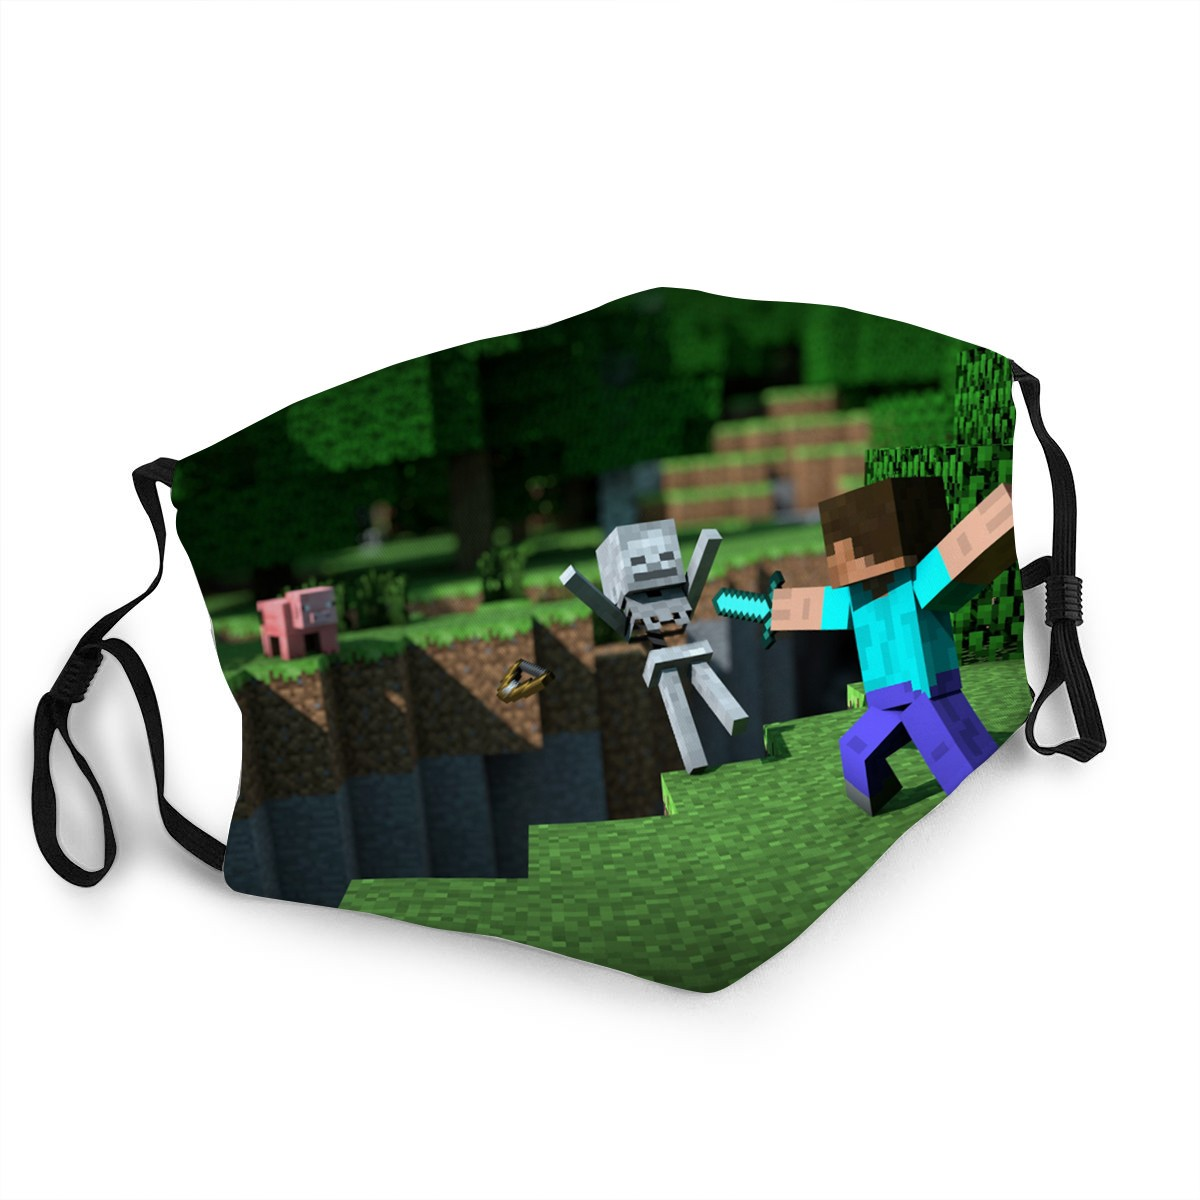 Детская маска для лица My World Классическая игра маска для косплея Pm2.5 защитный фильтр многоразовая ткань маска для взрослых/детей